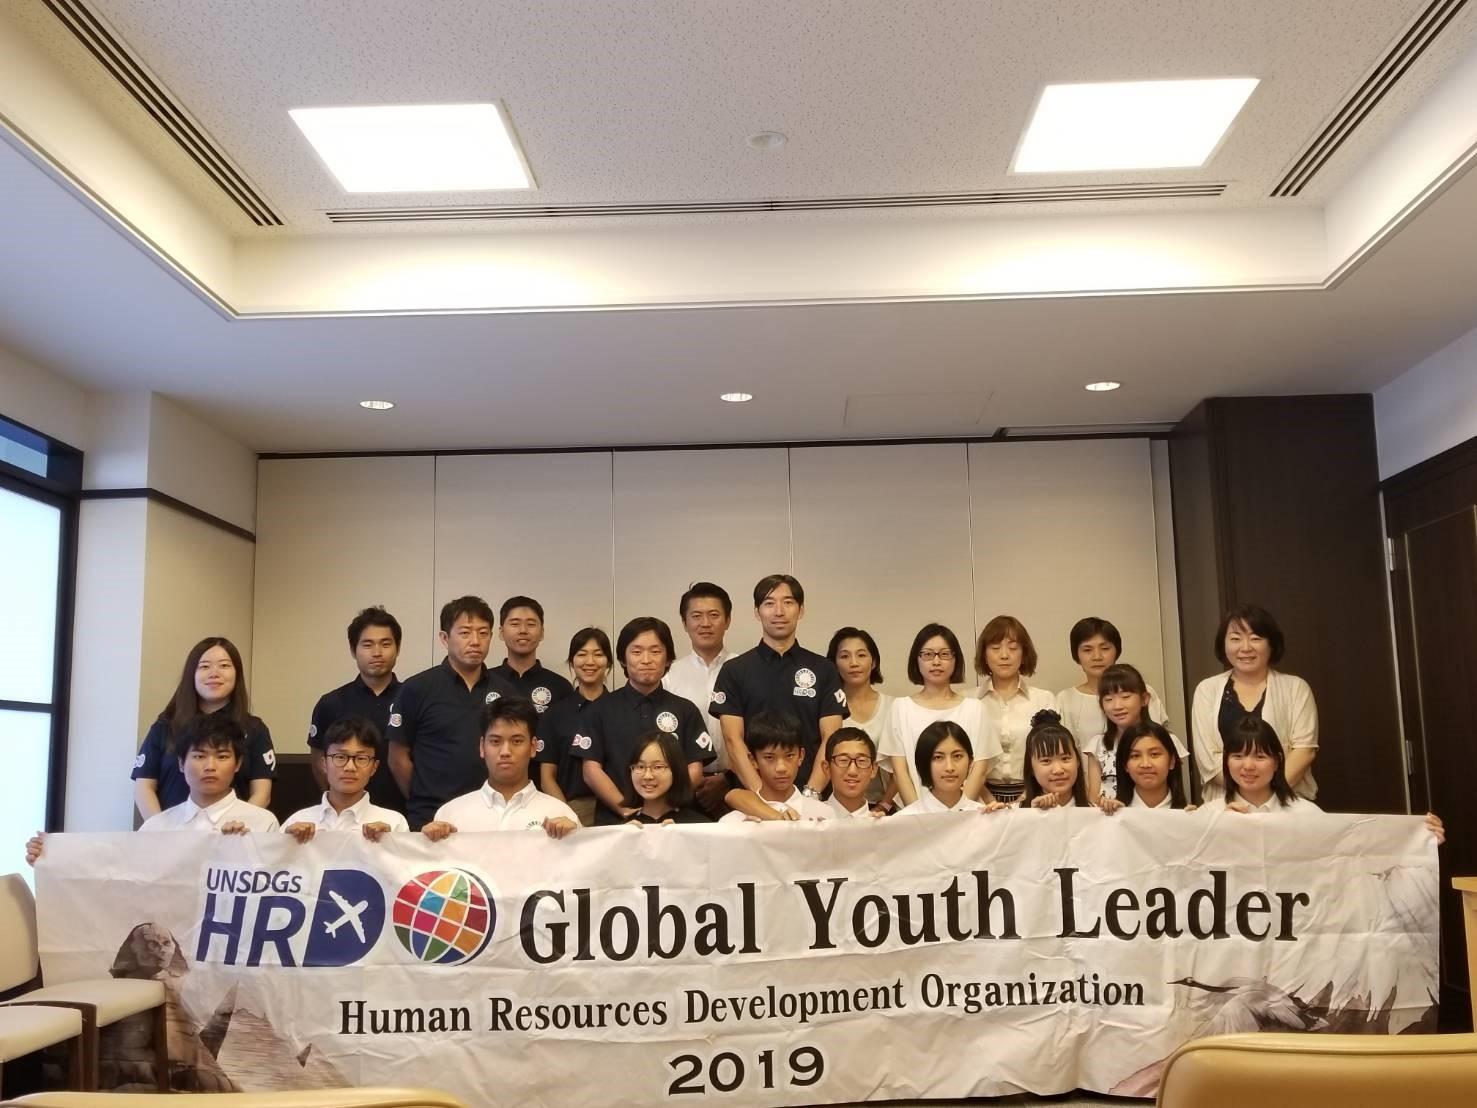 一般社団法人UNSDGs人材育成機構・日本での発表会